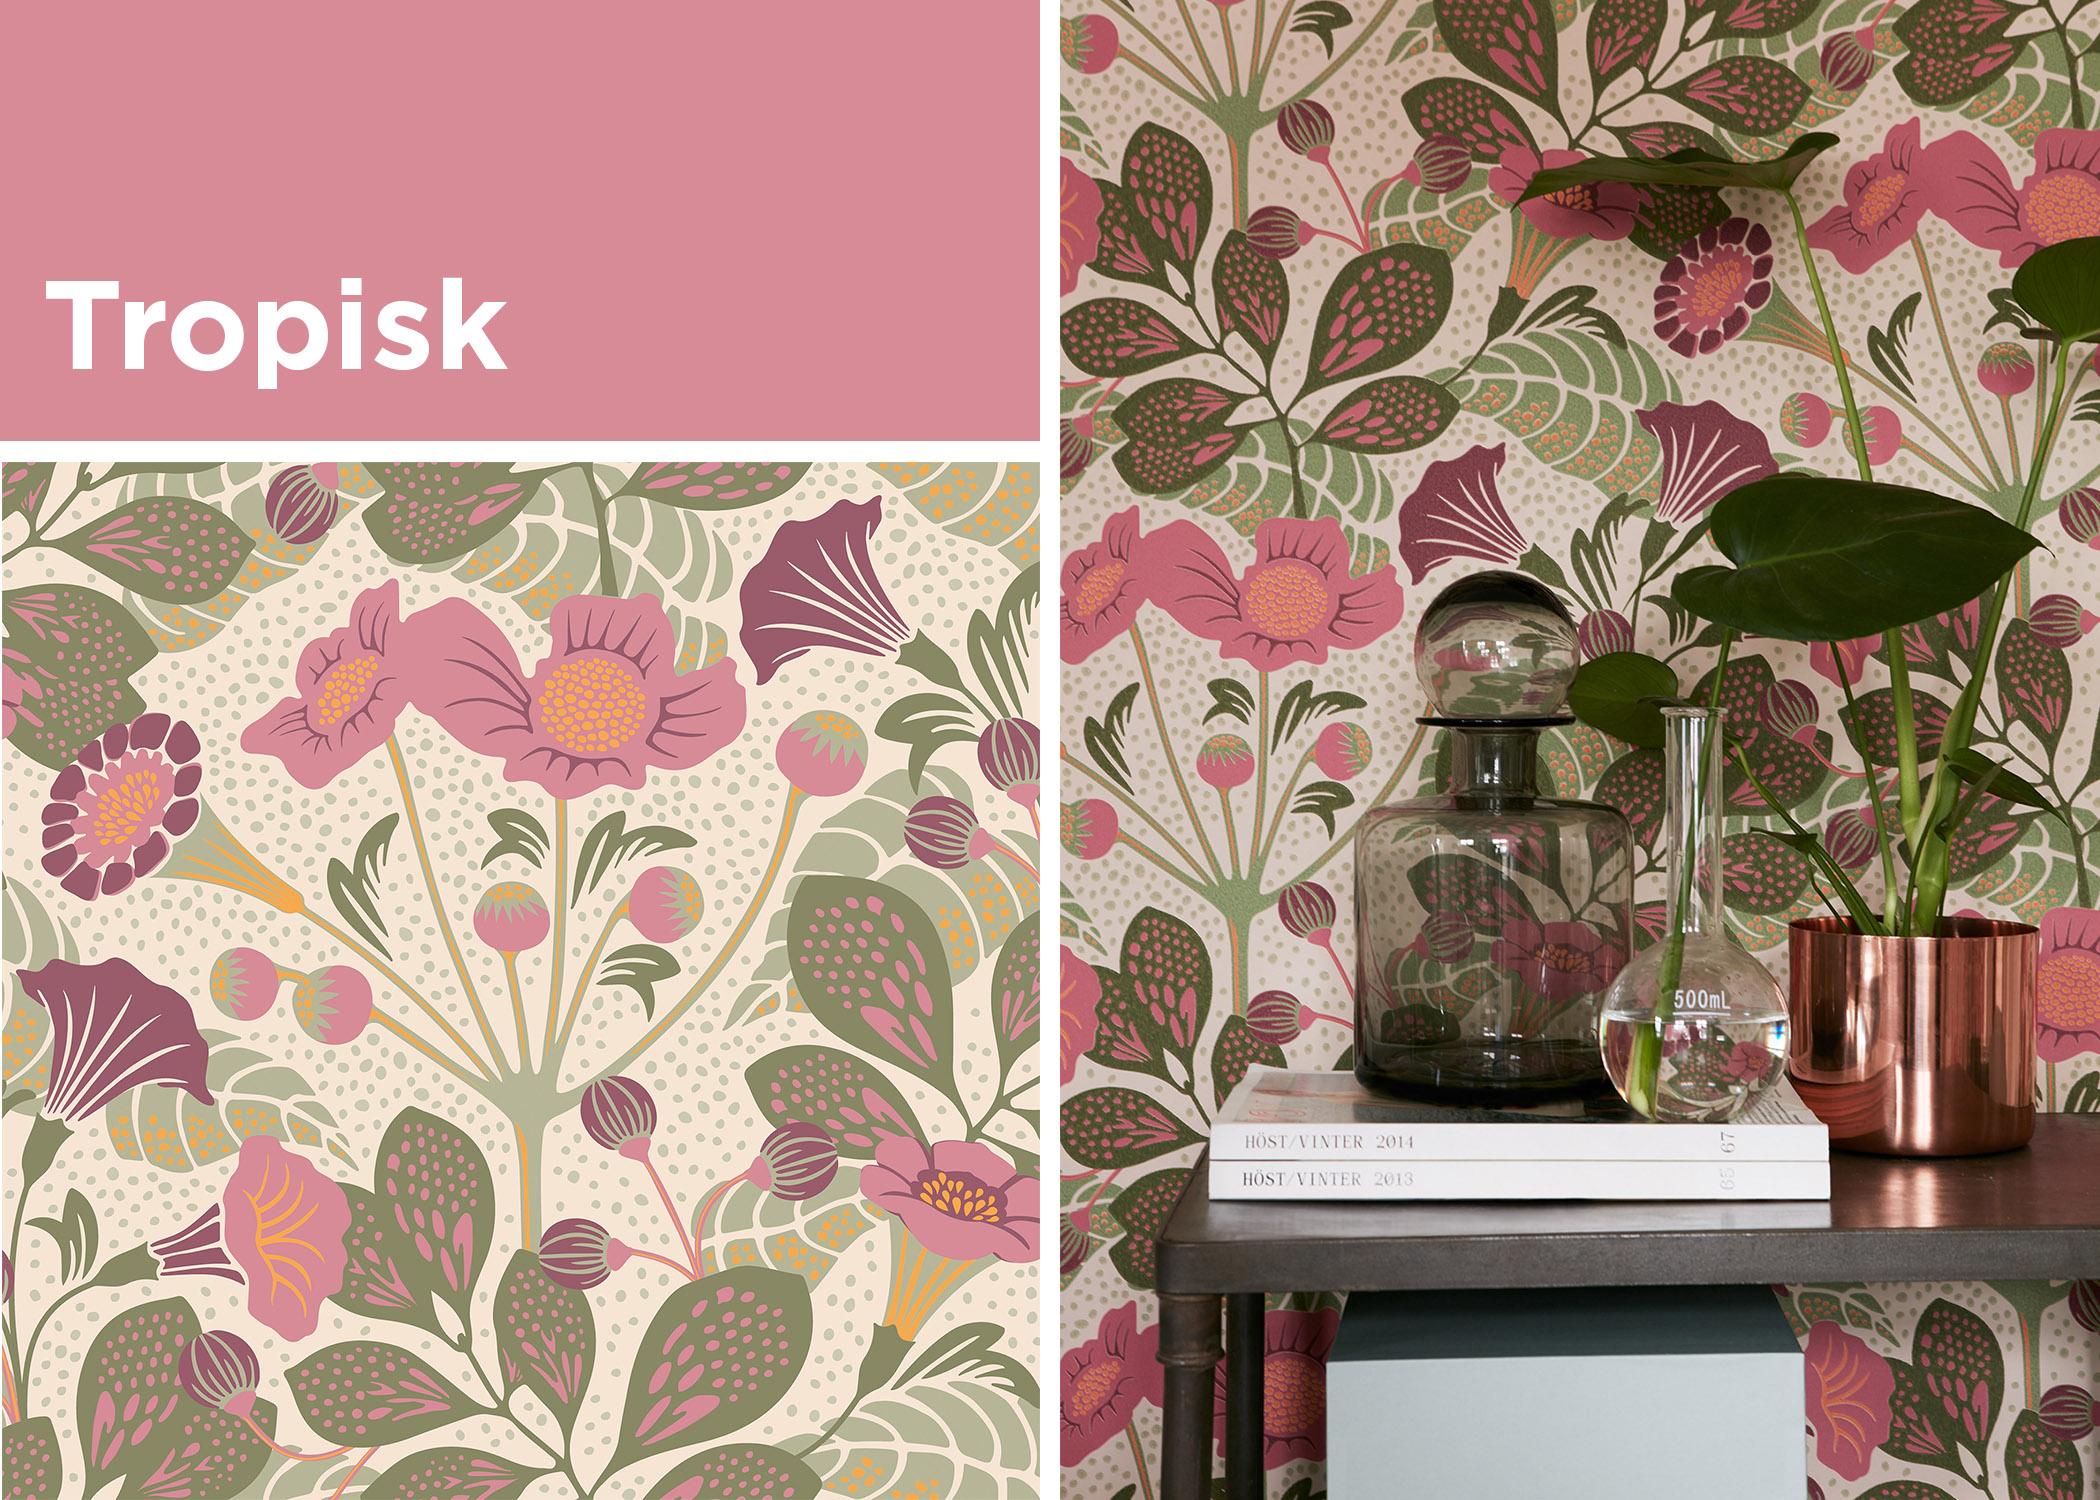 Tropisk pink floral wallpaper